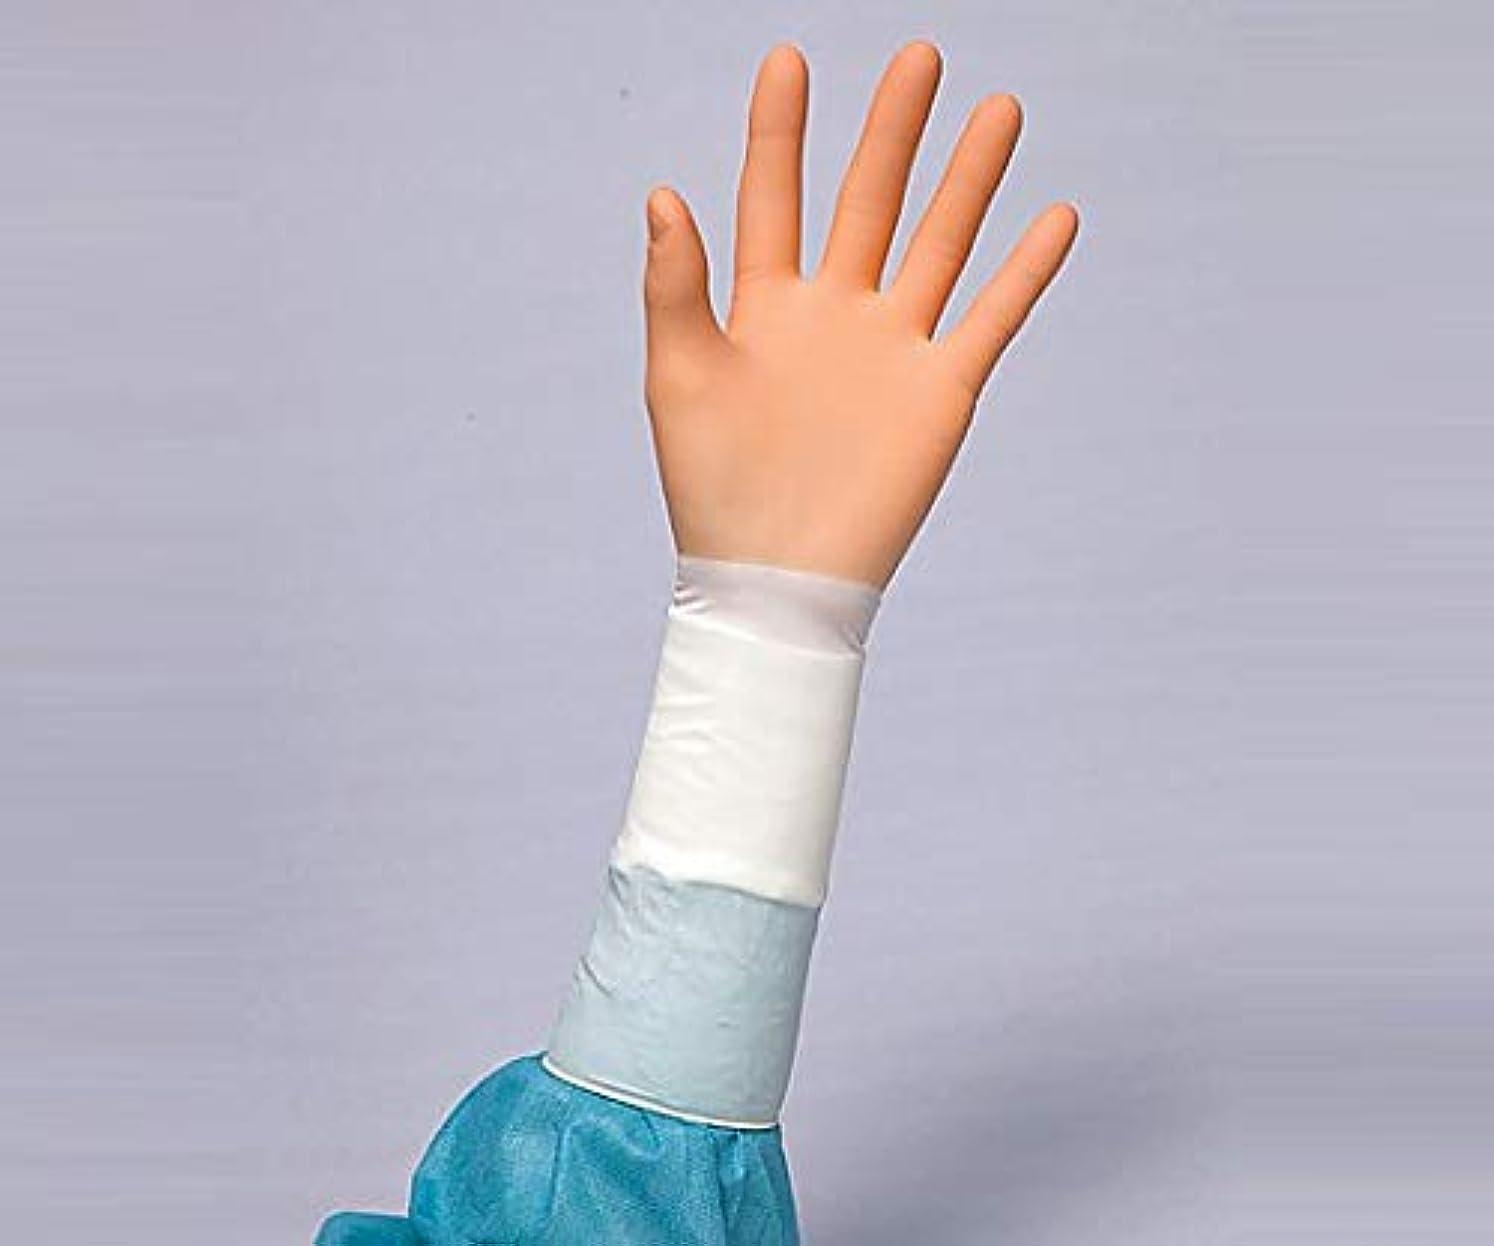 調和軽減間エンブレム手術用手袋PF 20双 7